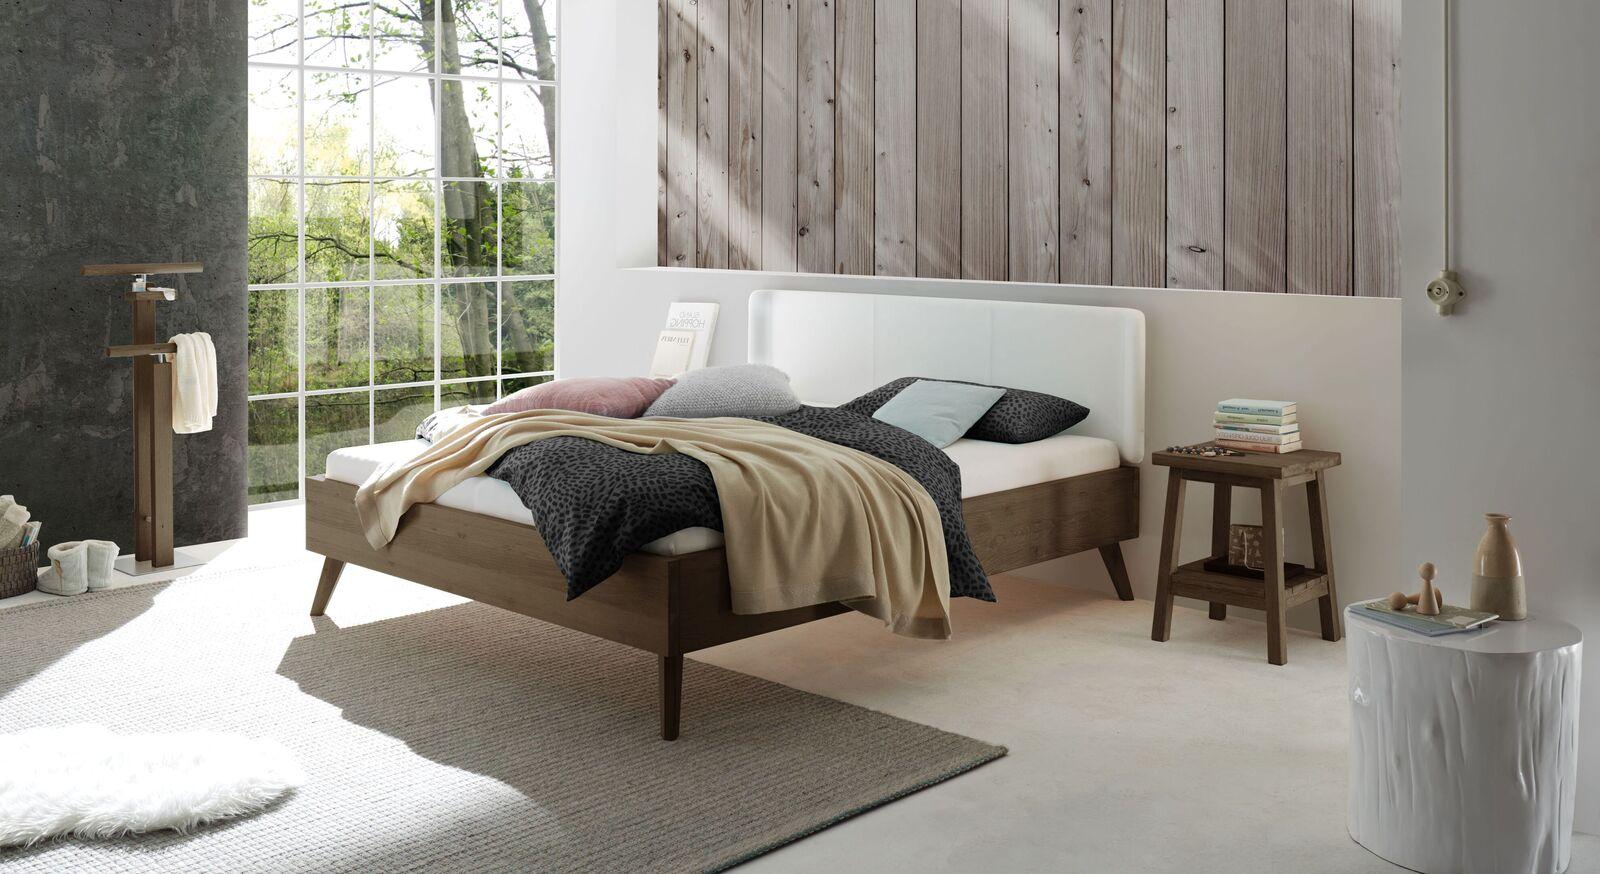 Passende Produkte zum Bett Elvinar